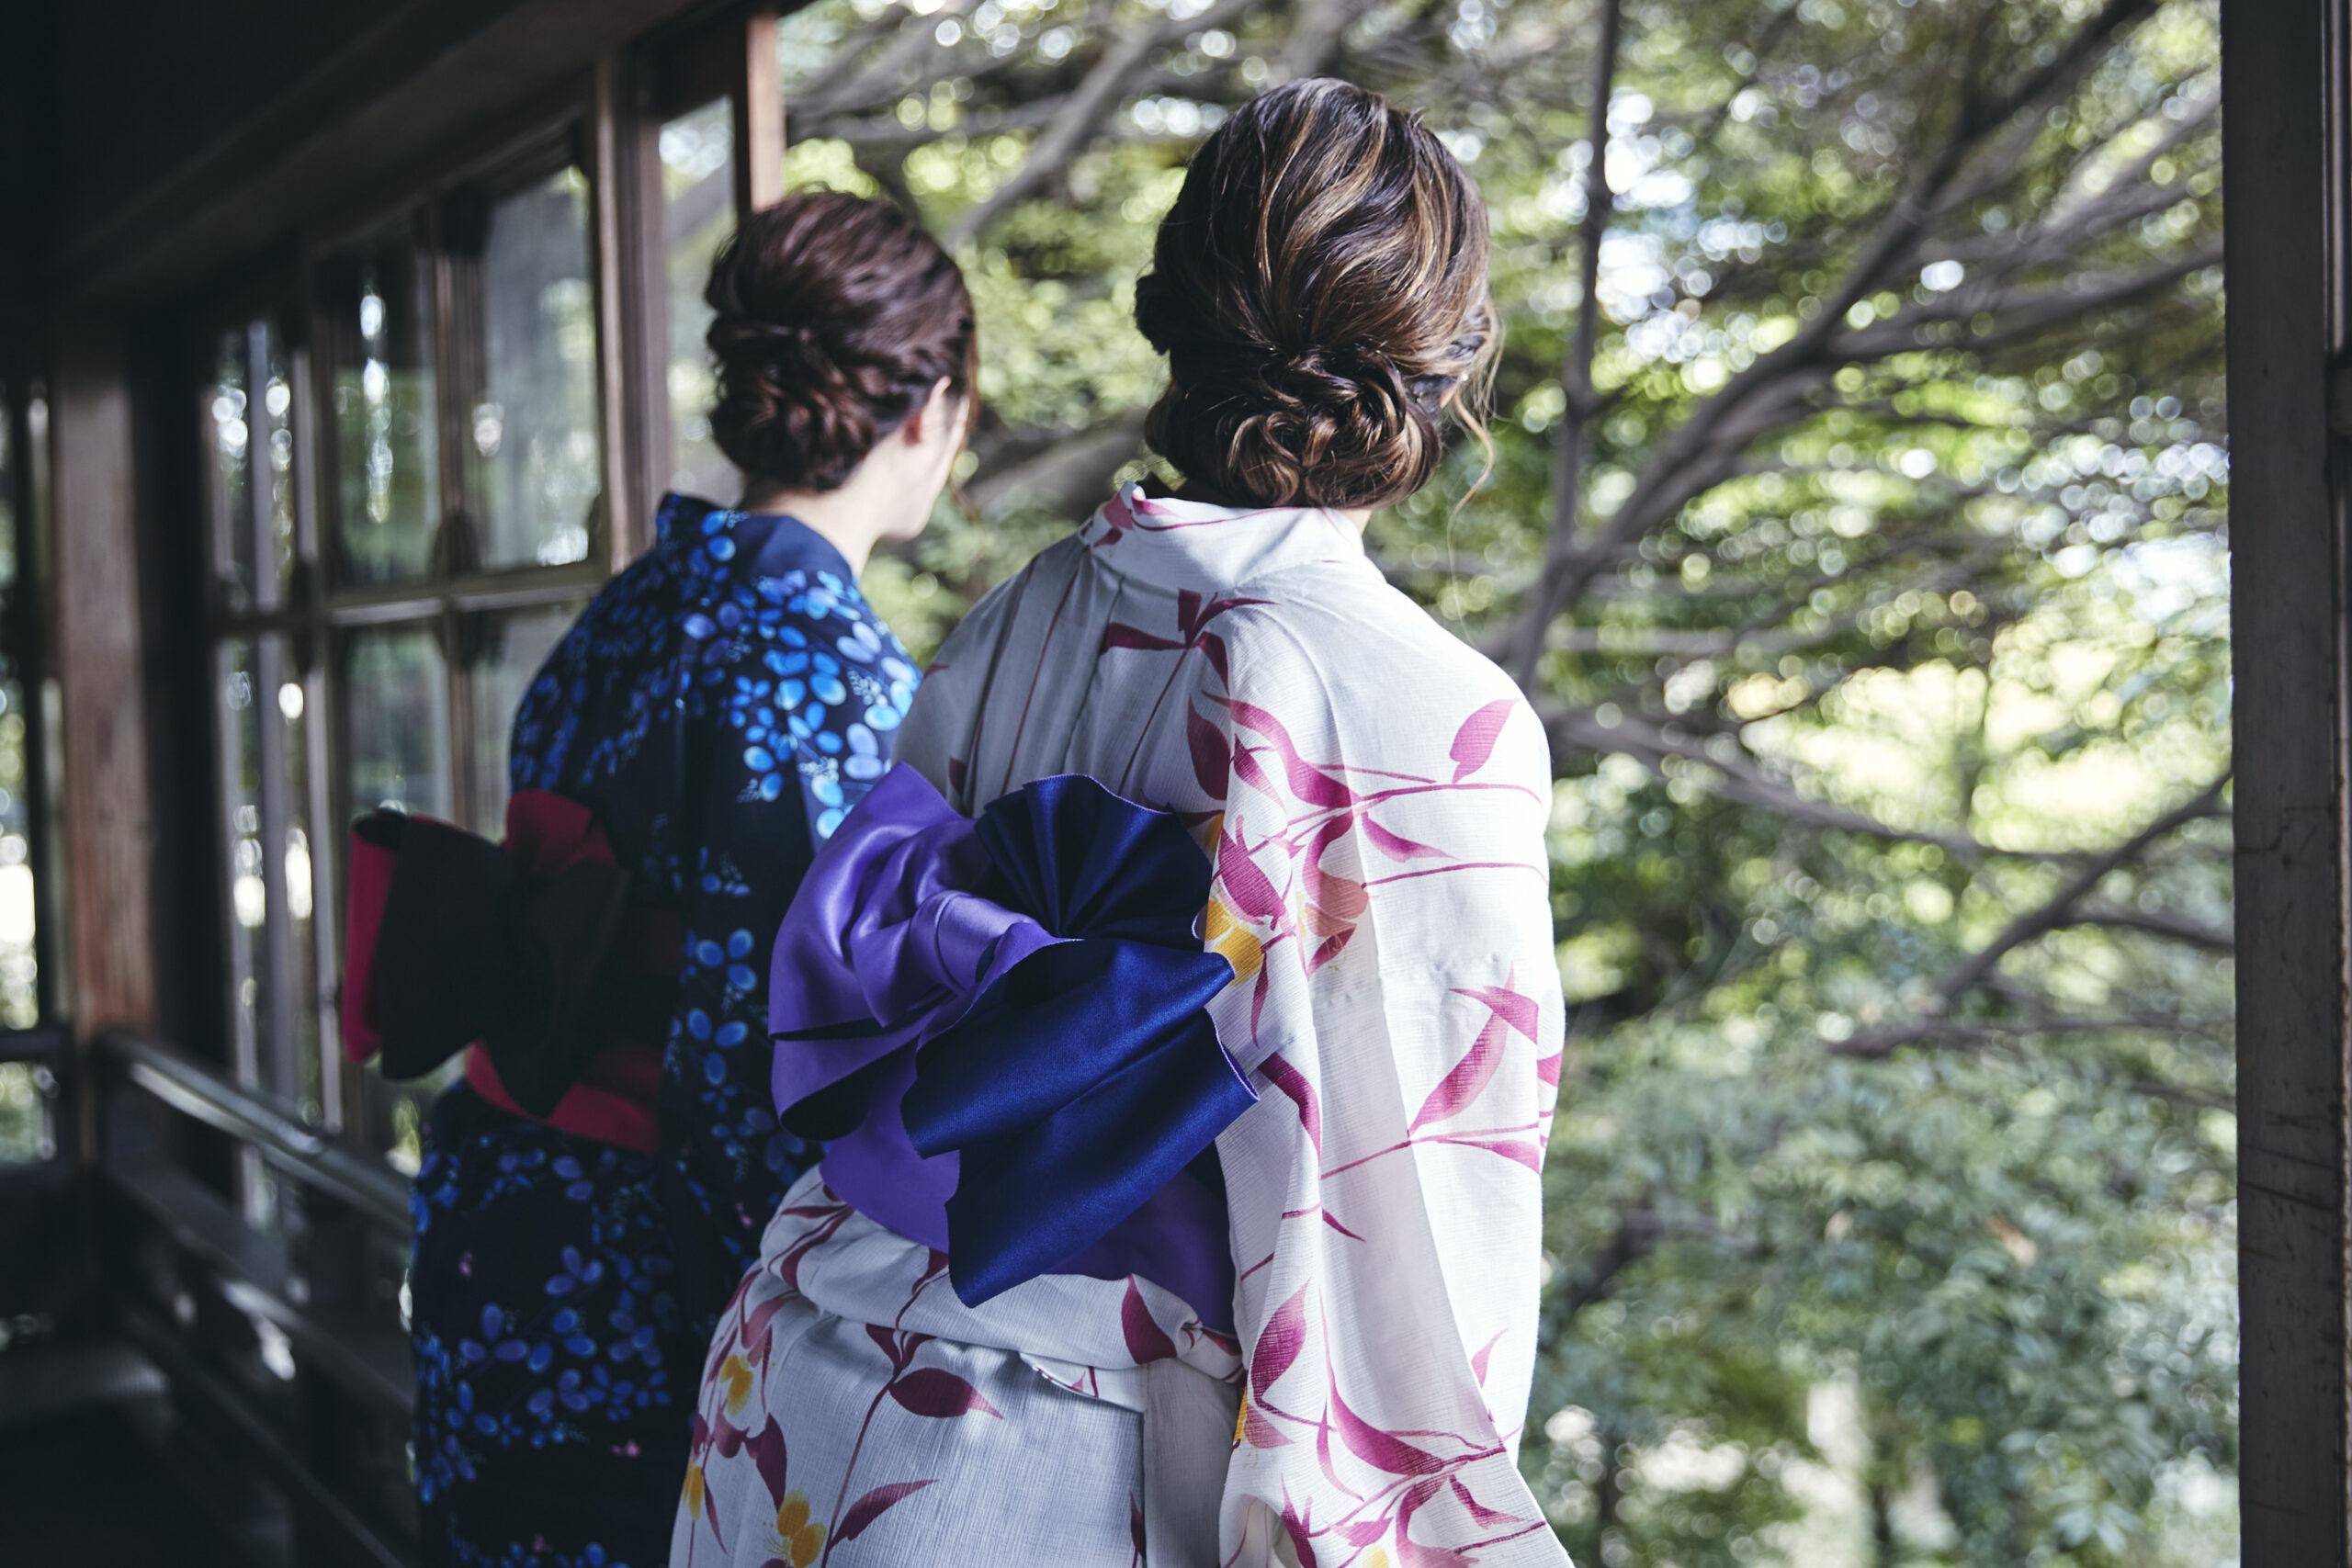 ホテル雅叙園東京で上質な「涼」体験。 日本美を感じる夏の「浴衣プラン」が今年も登場。浴衣で愉しむ、癒しのひと時。